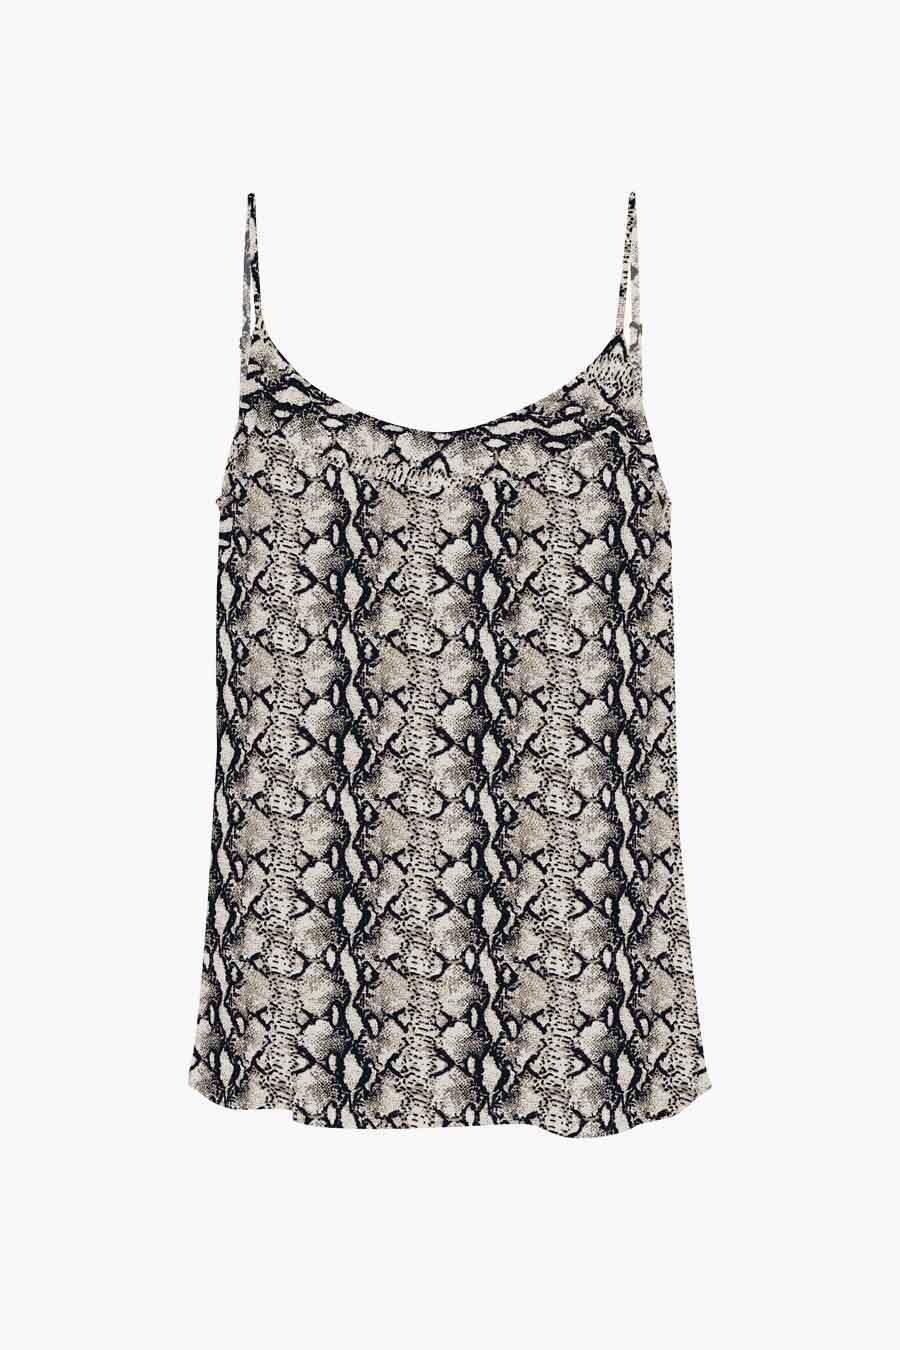 Vero Moda® Blouse zonder mouwen, Beige, Dames, Maat: XL